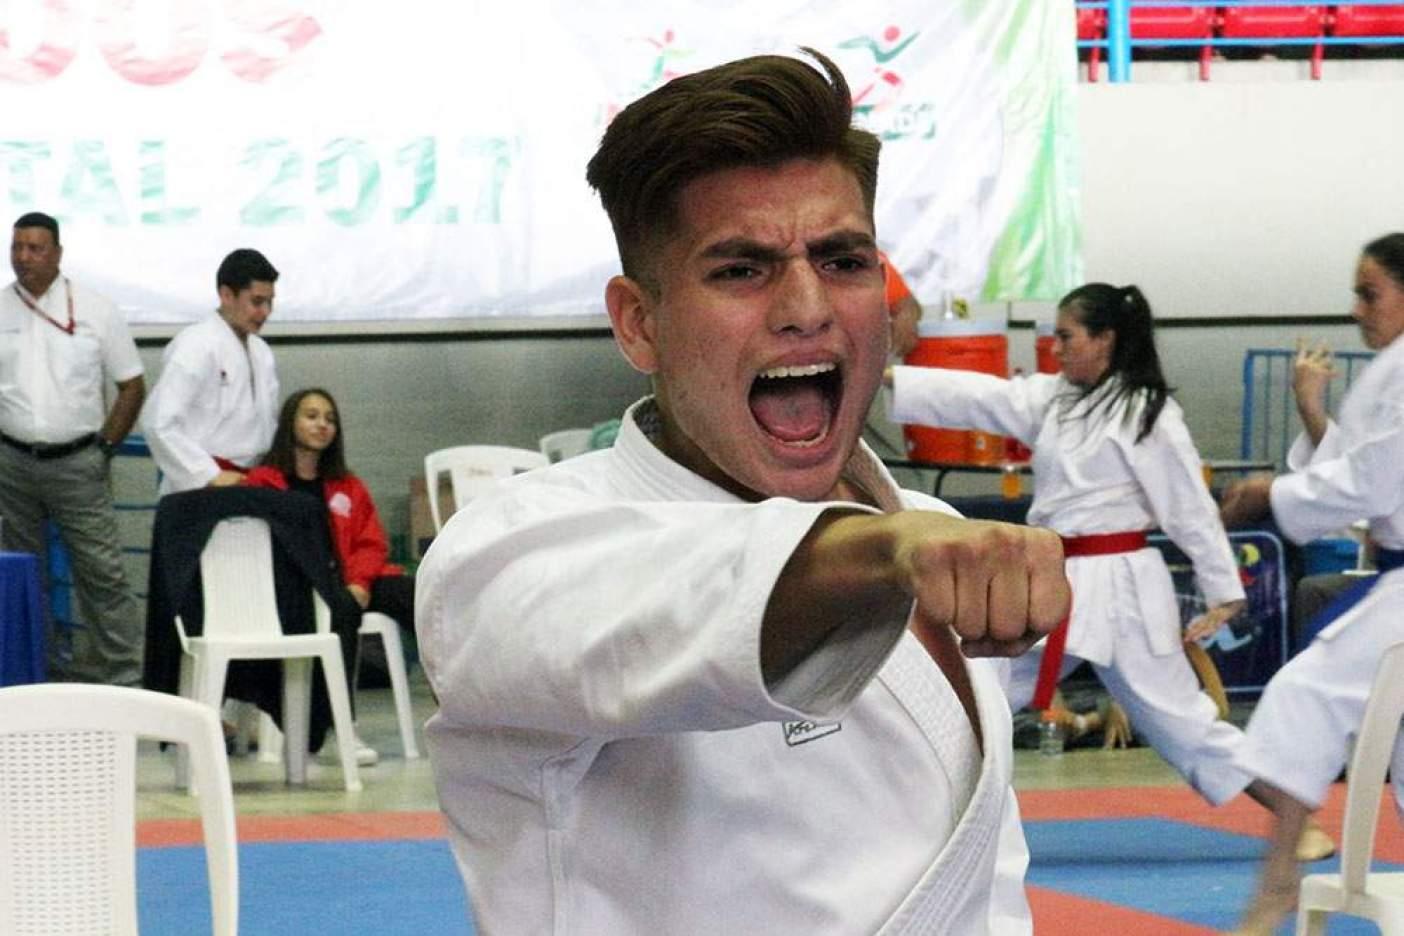 Tras una dolorosa recuperación Jesús Moreno se apoya en su fortaleza espiritual